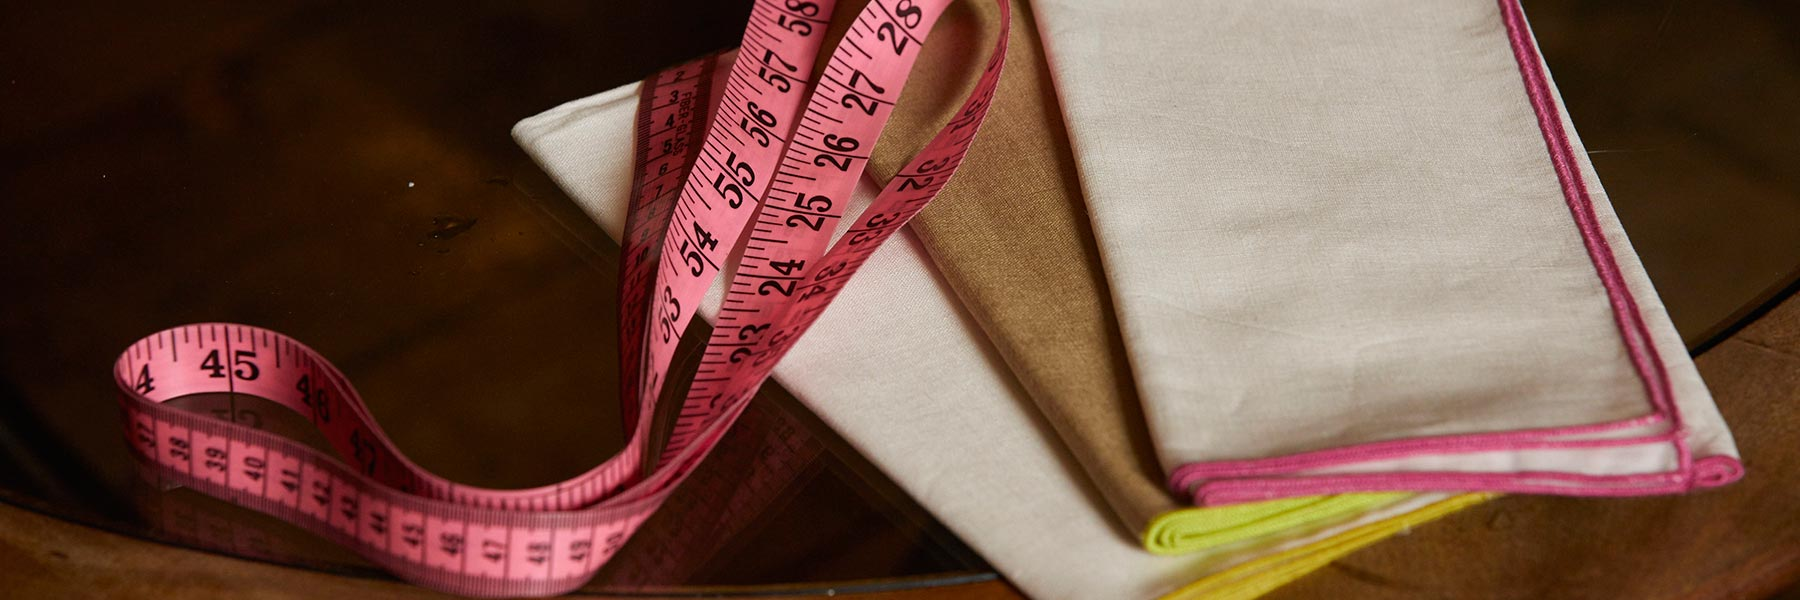 Bespoke Textiles napkins